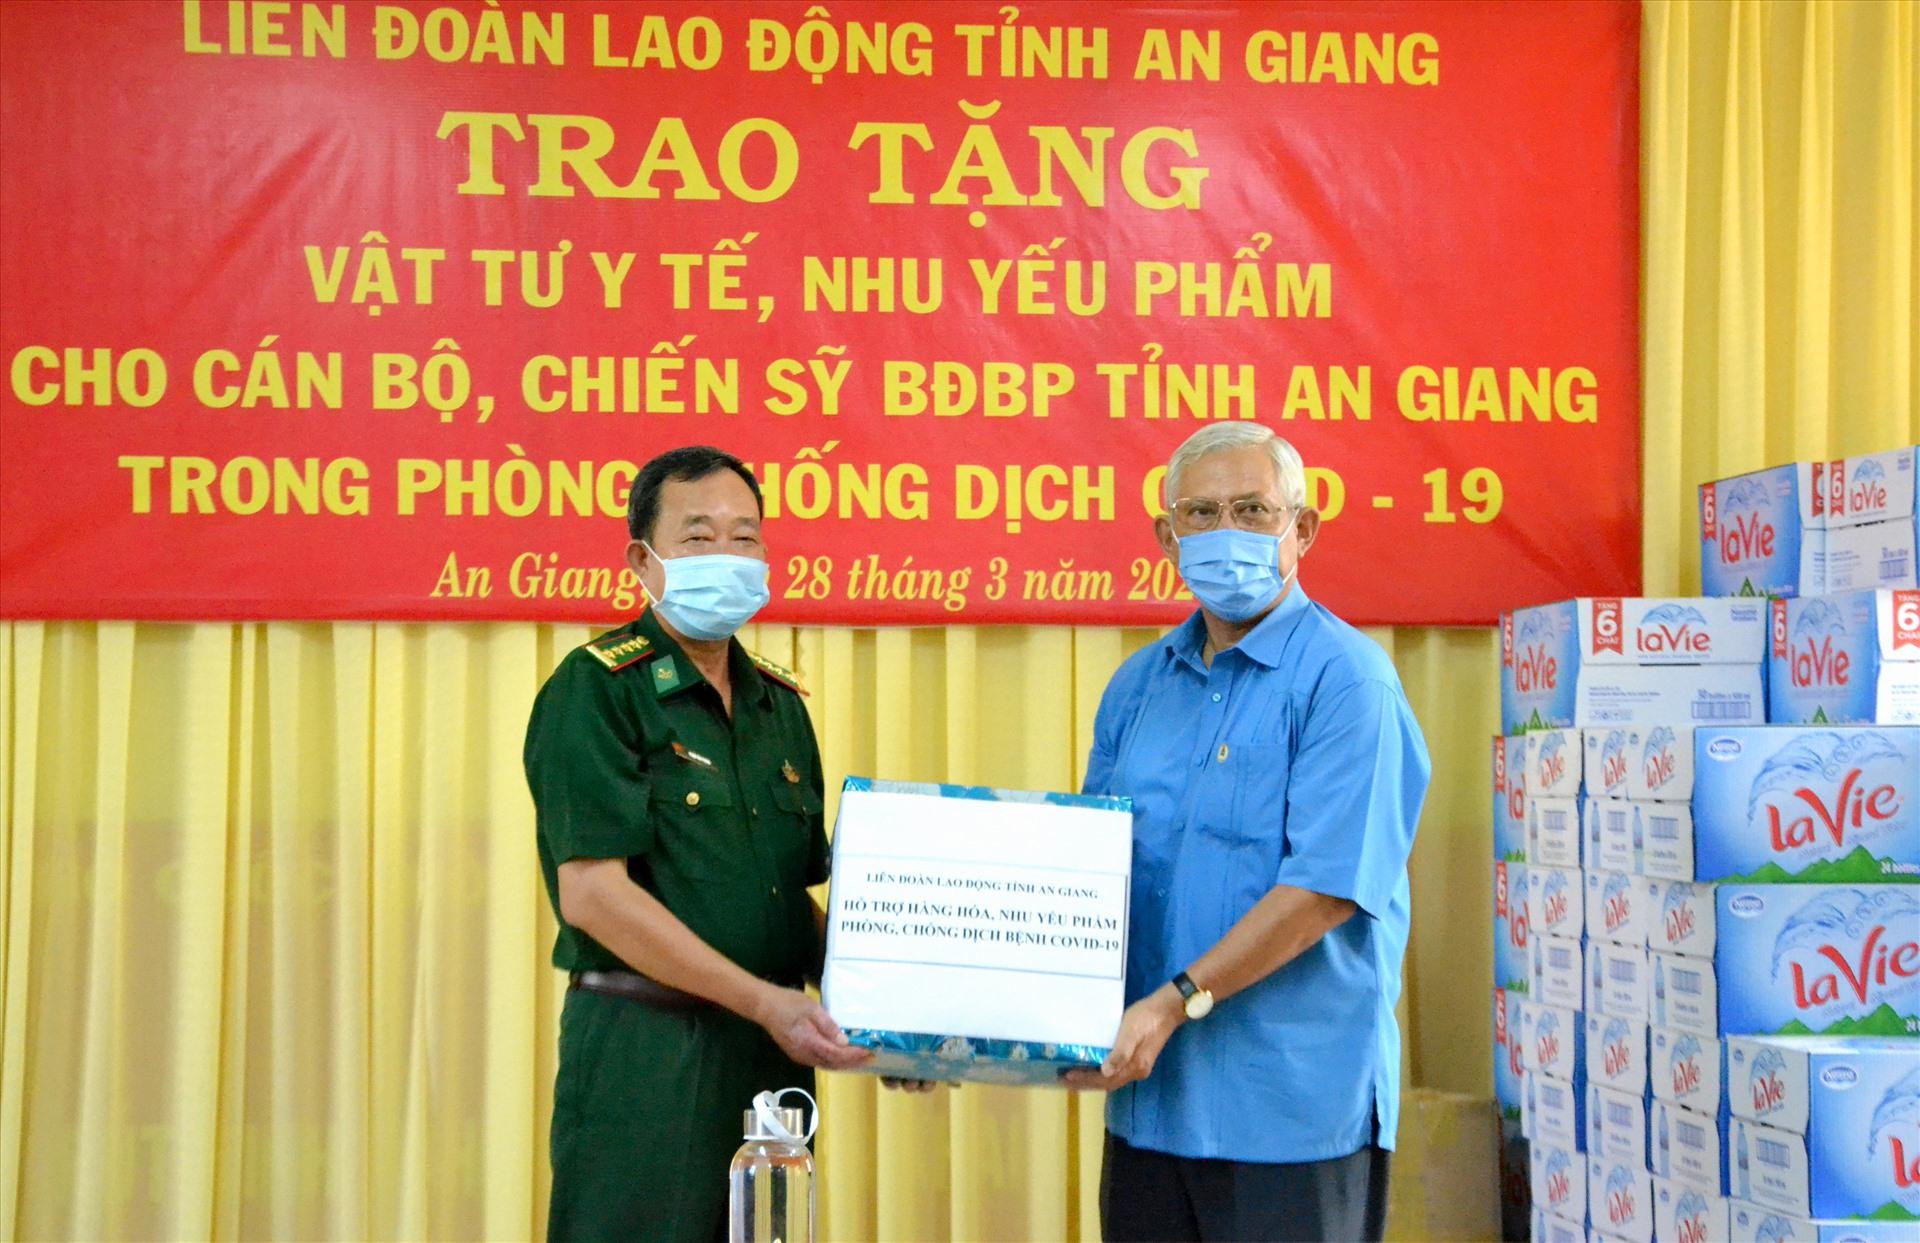 Chủ tịch LĐLĐ An Giang Nguyễn Thiện Phú trao hỗ trợ Bộ đội Biên phòng An Giang 150 chai nước sát khuẩn, 75 thùng mì ăn liền, 200 thùng nước tinh khiết, hộp cà phê. Ảnh: Lục Tùng